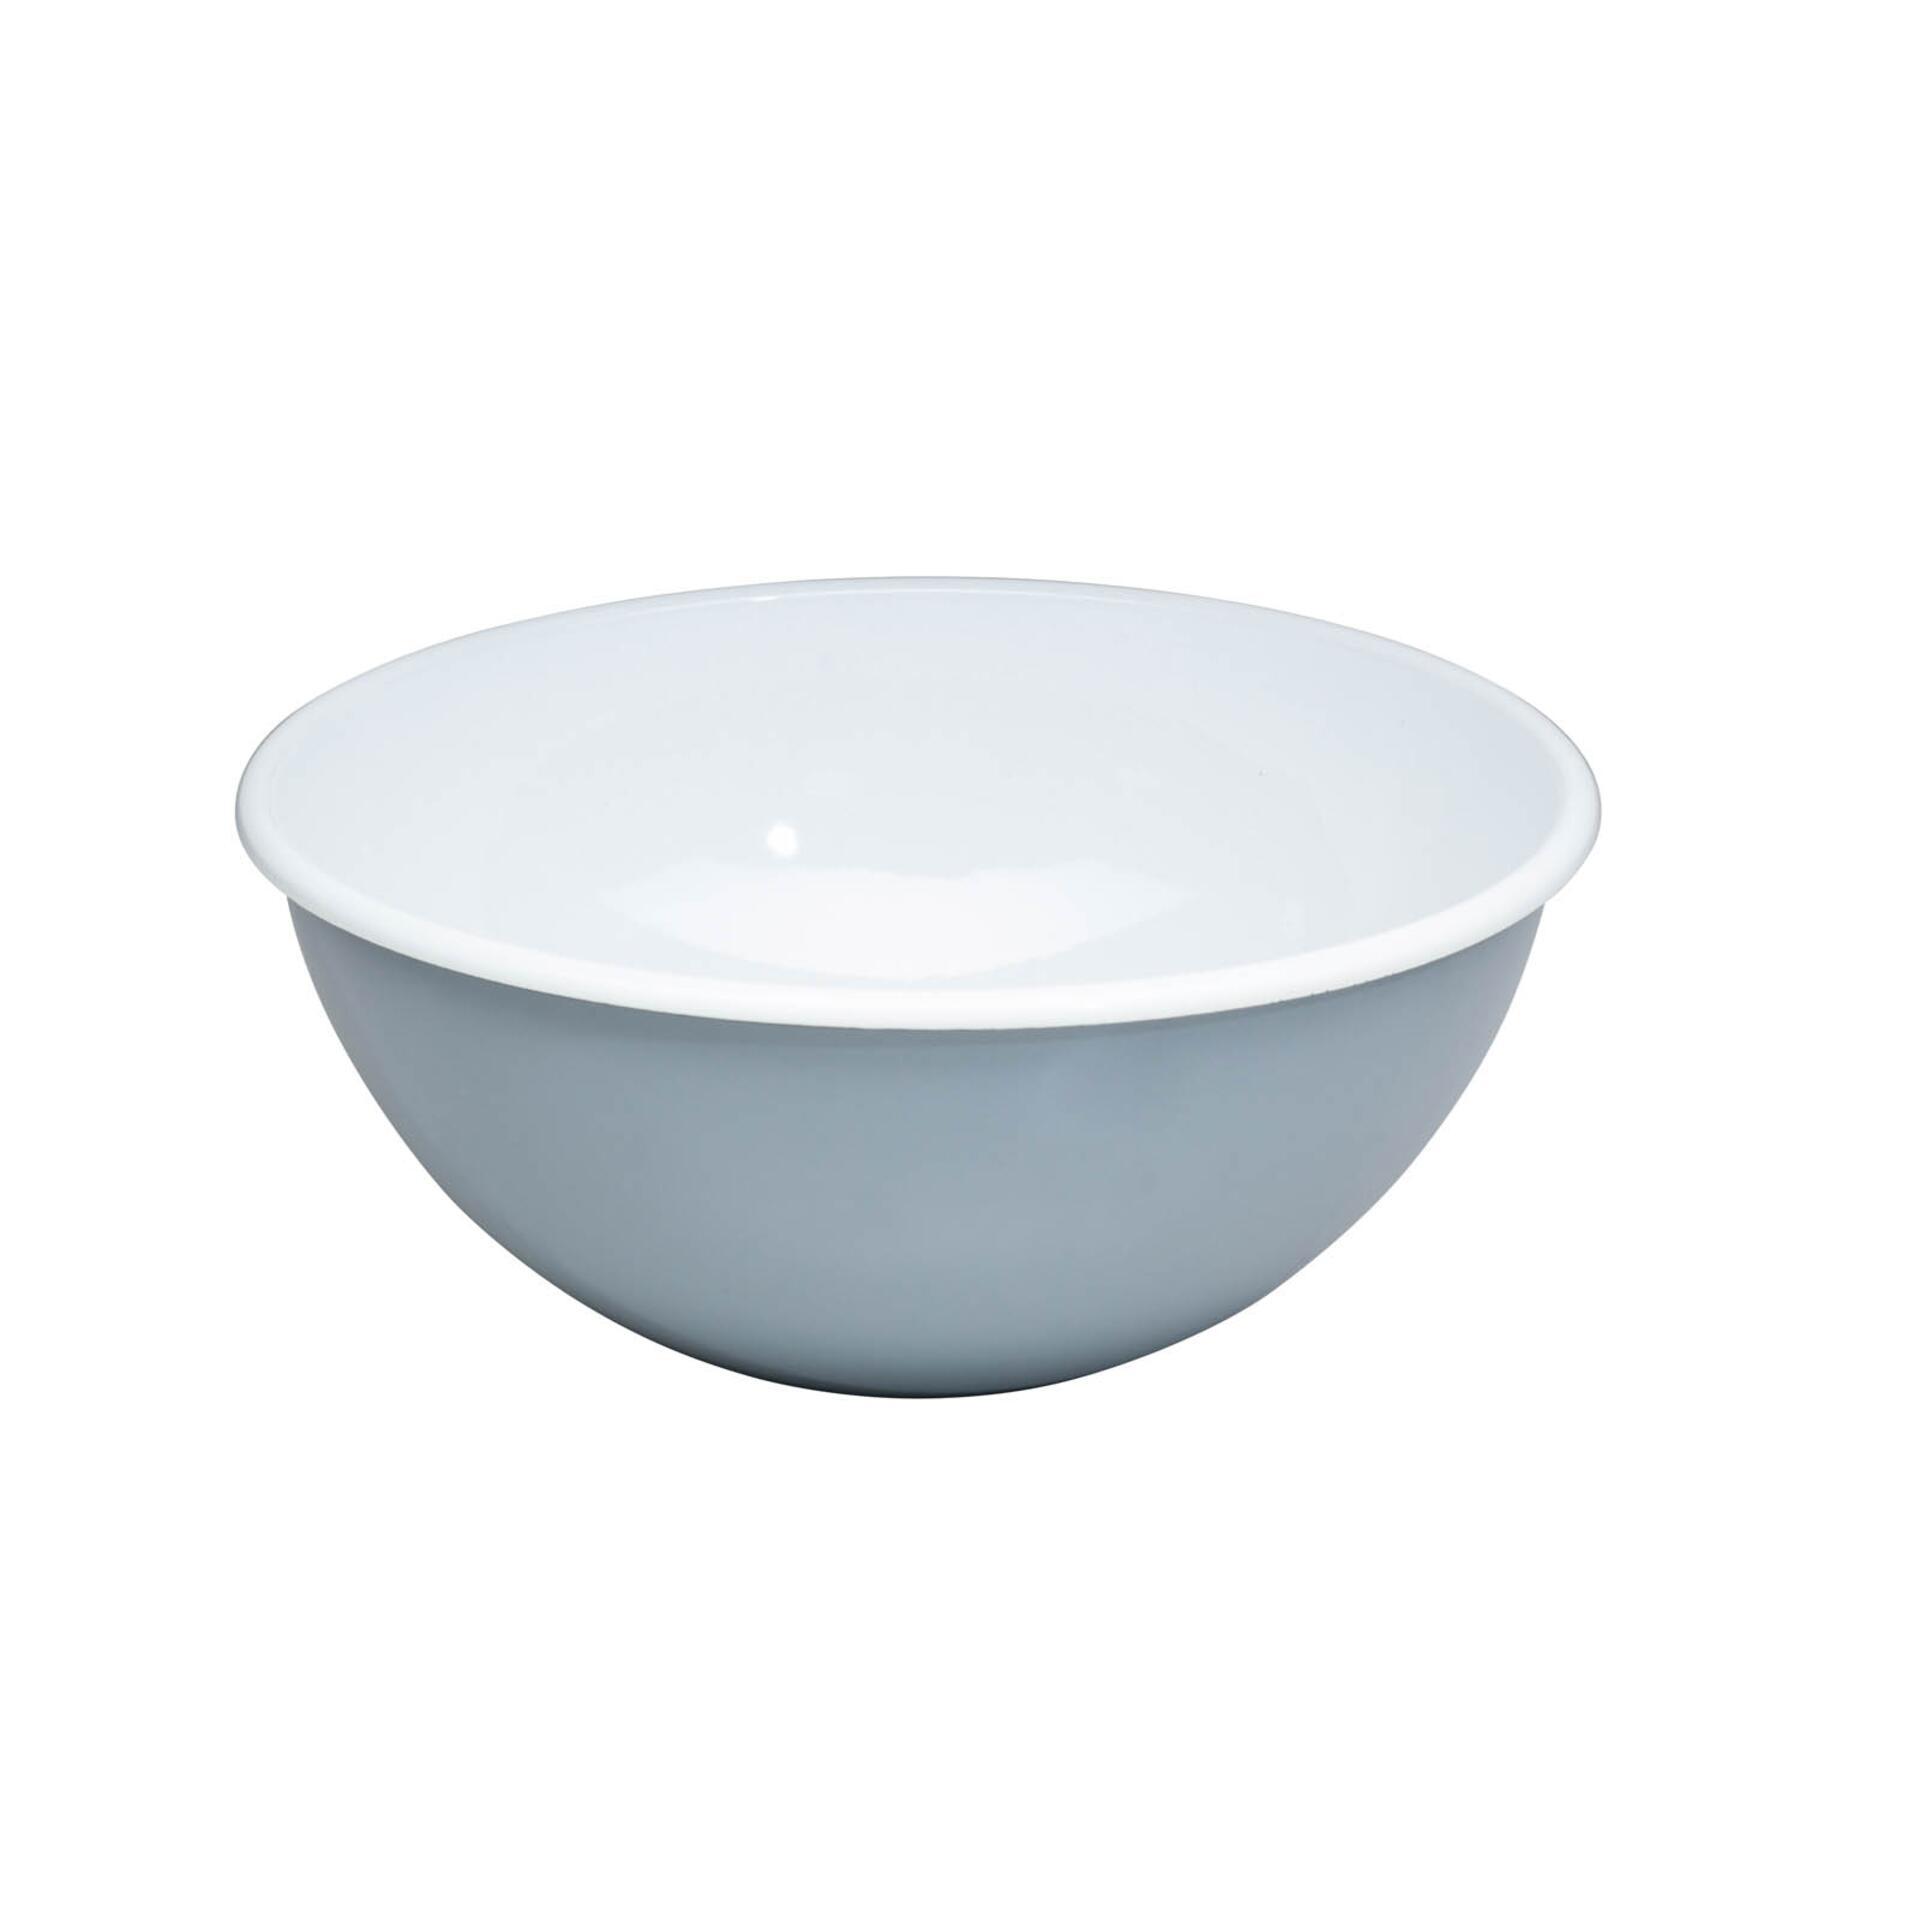 Riess Küchenschüssel 22 cm Pure Grey